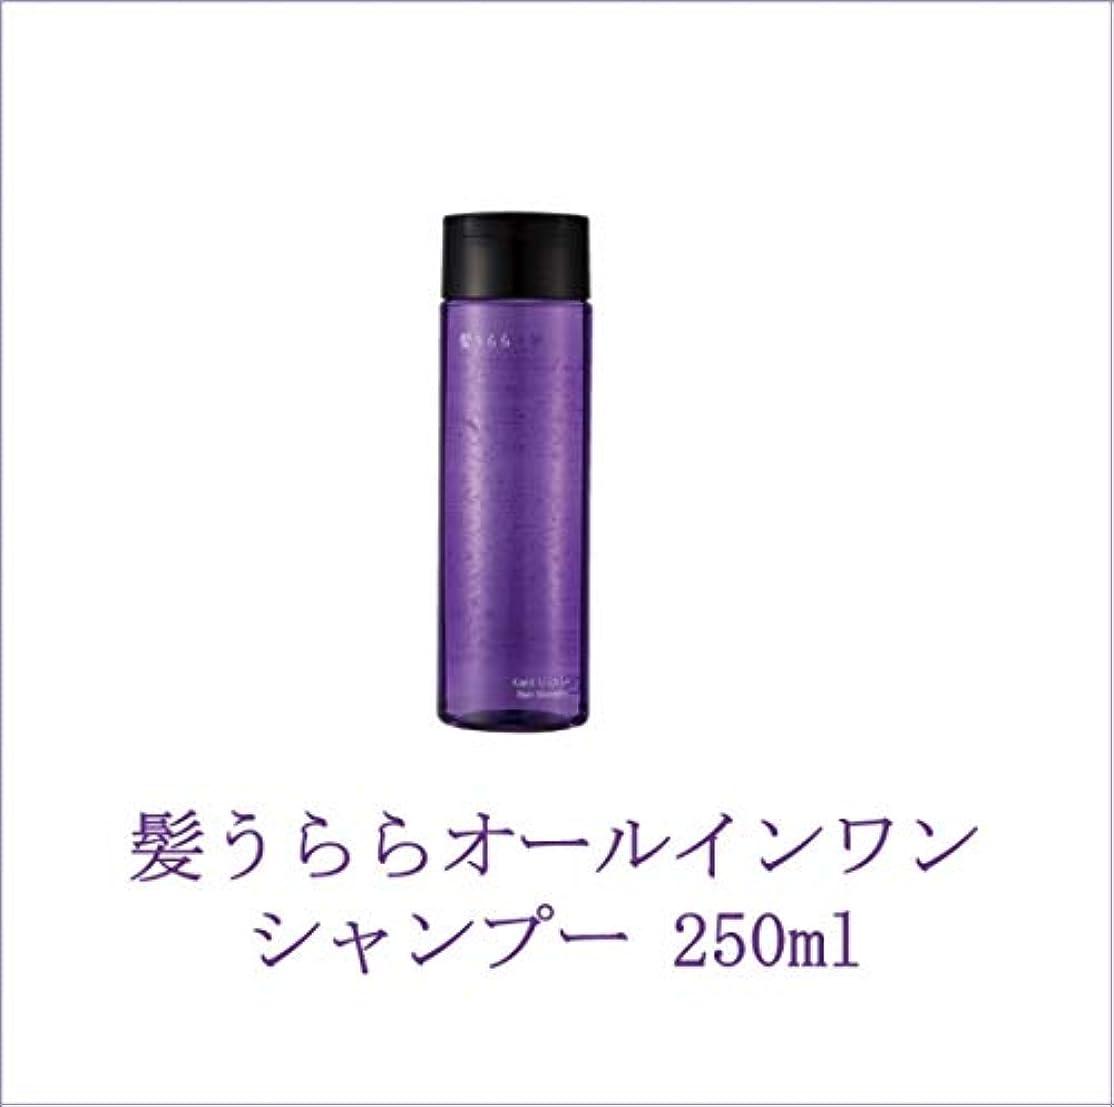 存在一般化するバーツヤ髪専用シャンプー 髪うらら オールインワンシャンプー (250ml)